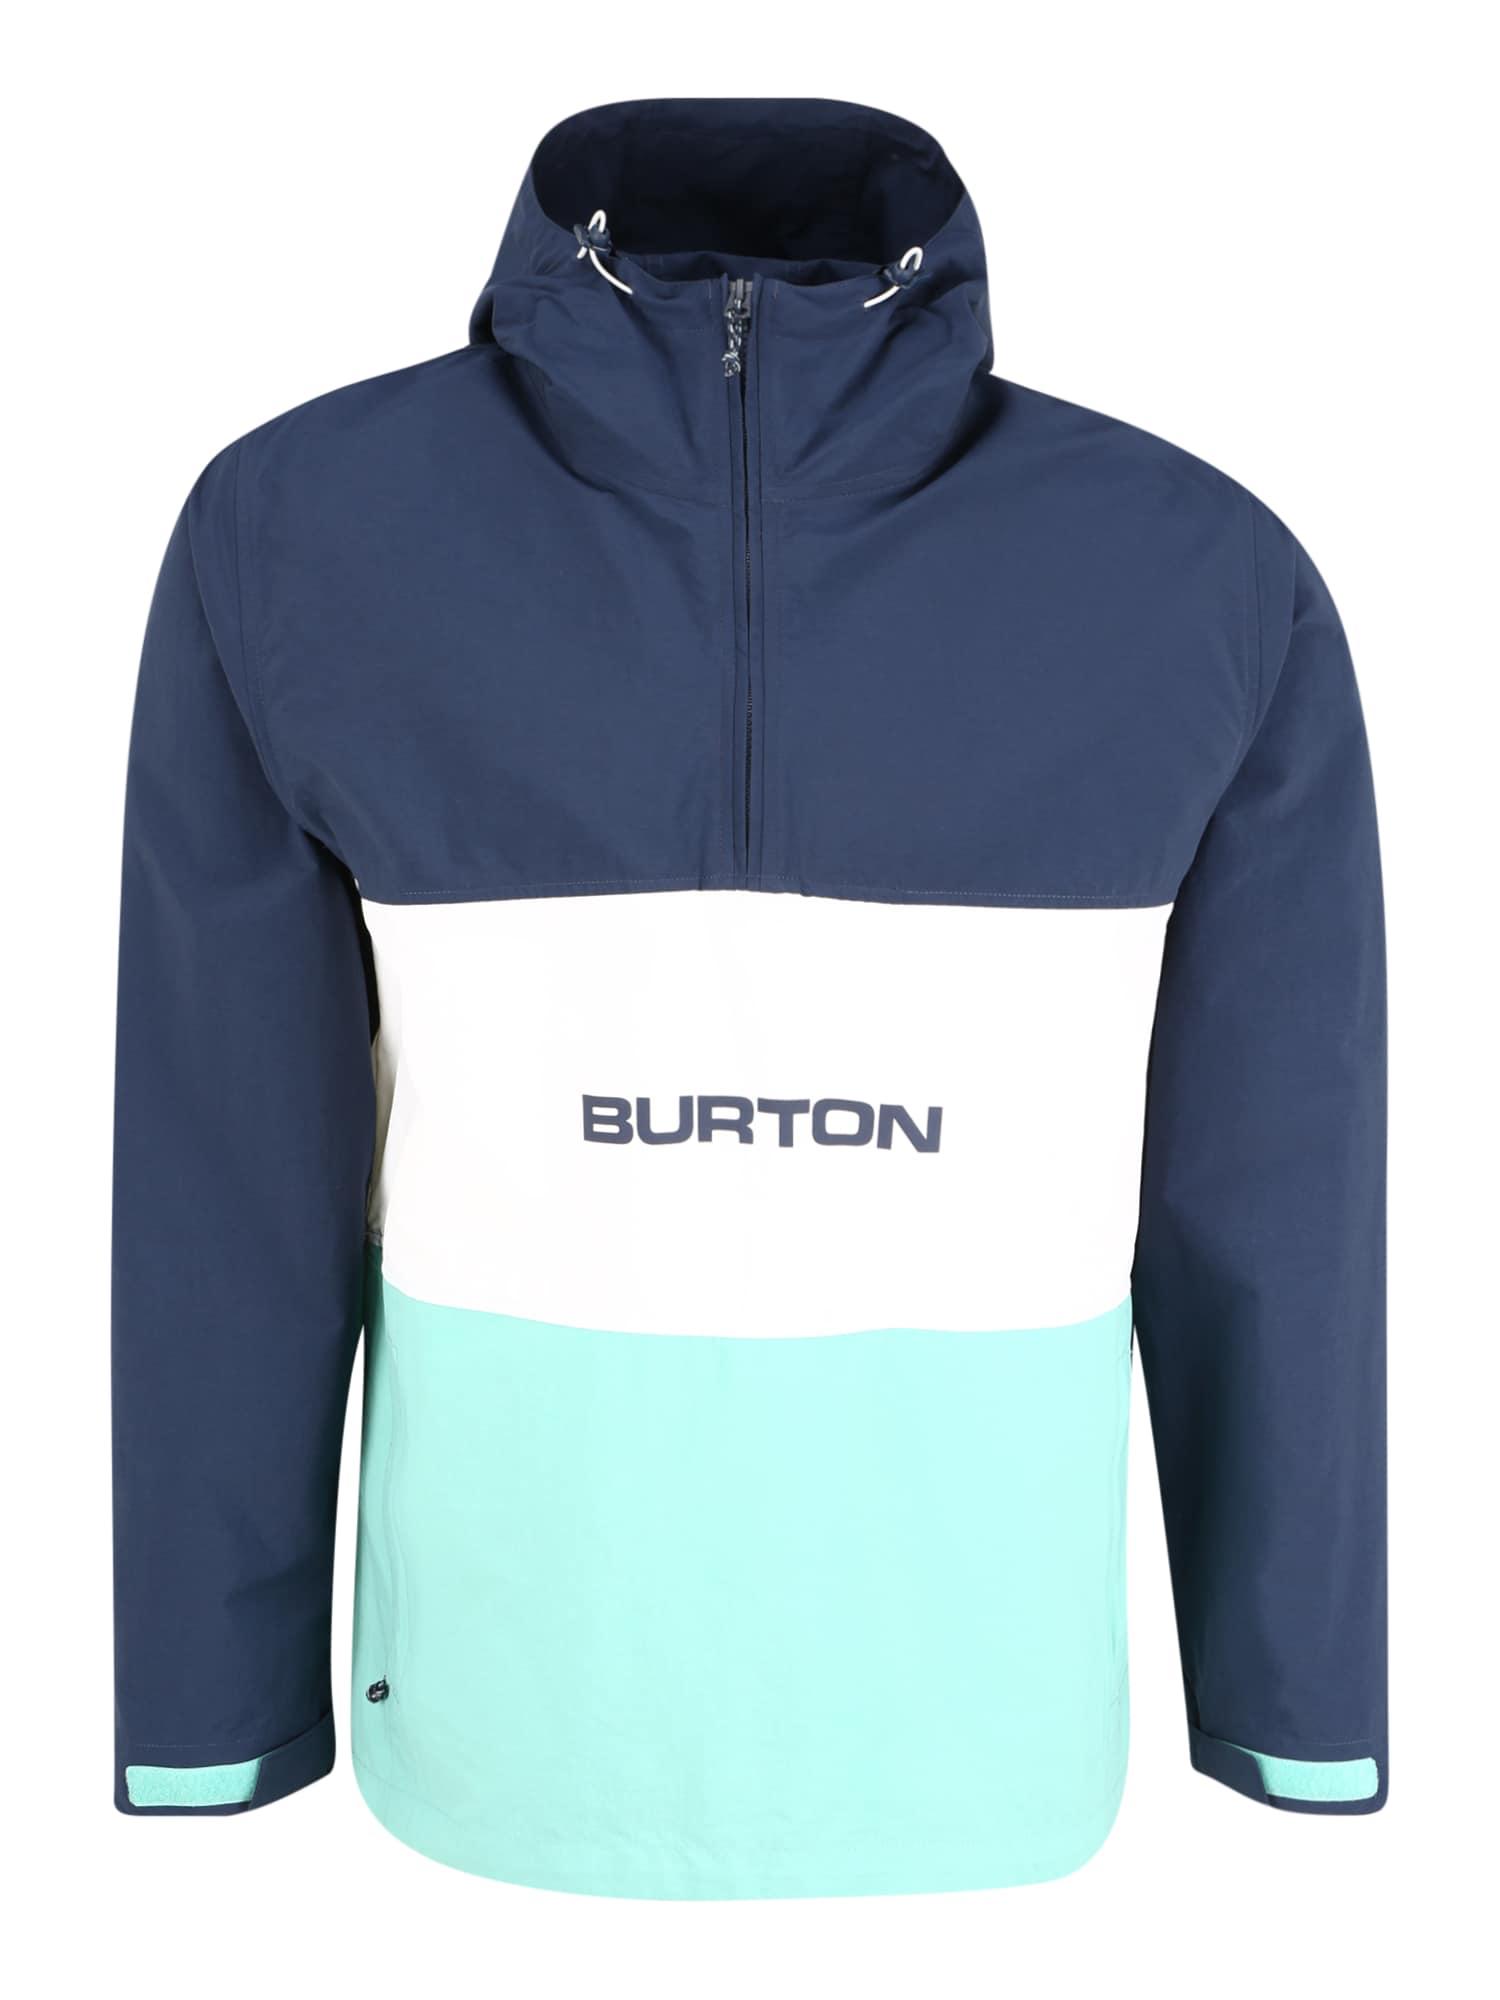 BURTON Sportovní bunda  tmavě modrá / bílá / tyrkysová